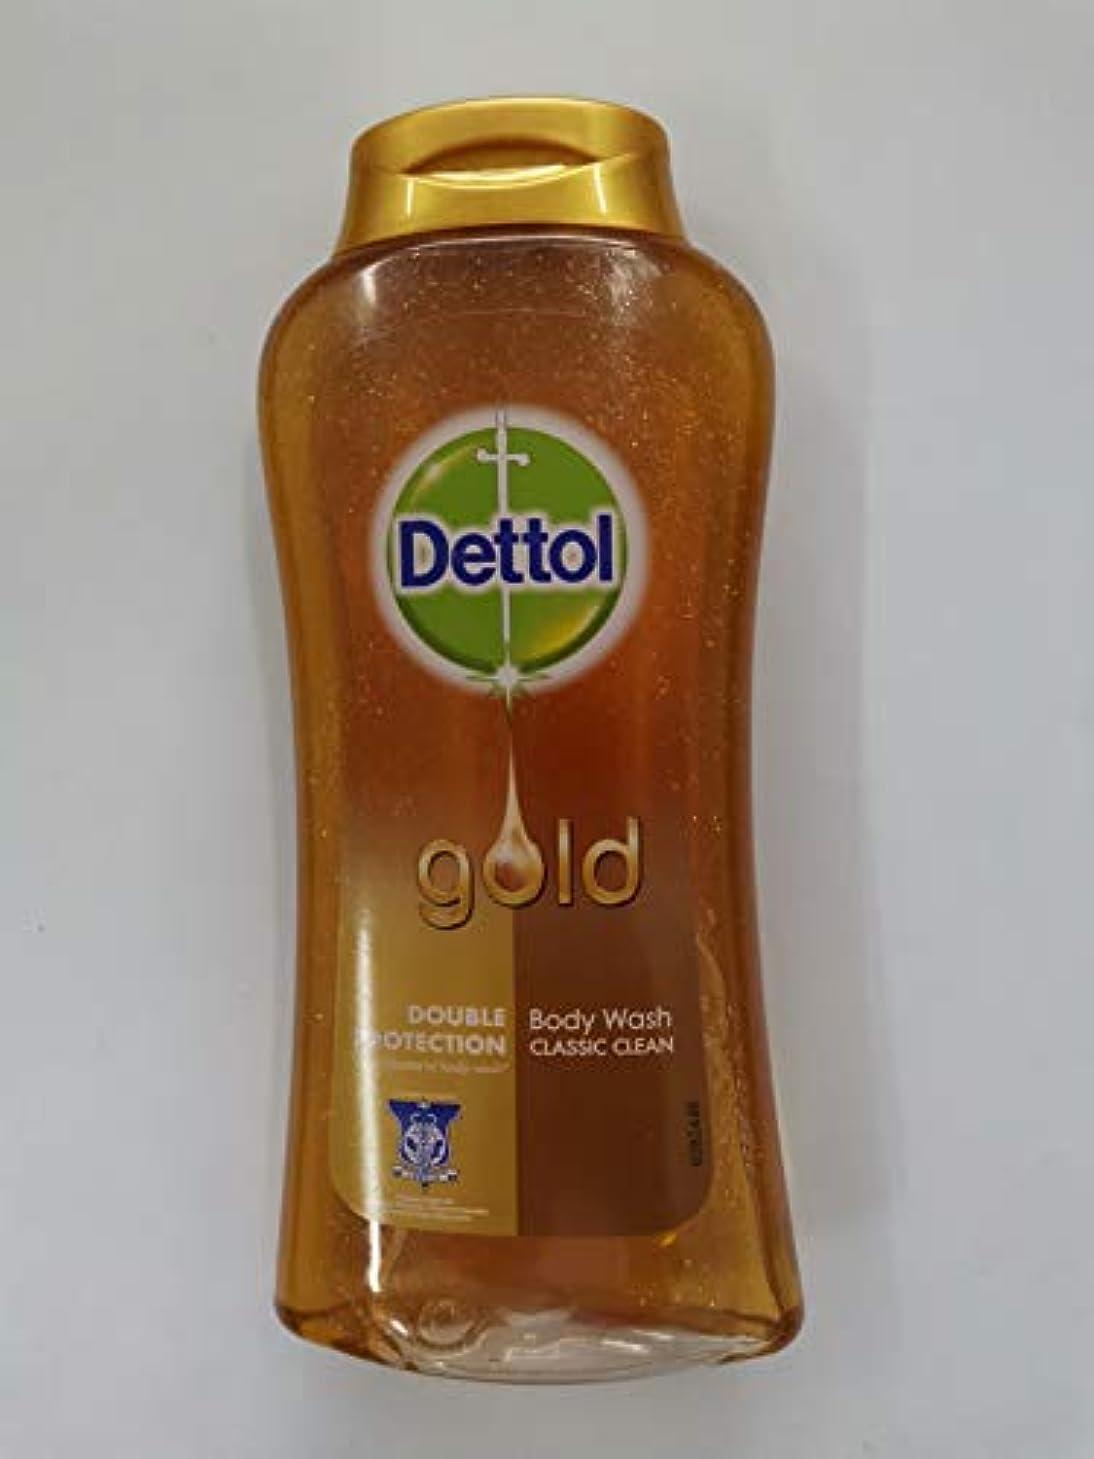 ピケ認可便利Dettol クラシッククリーンボディローション250ミリリットル - 細菌非食用風呂-kills 99.9% - 毎日の細菌を防ぎます